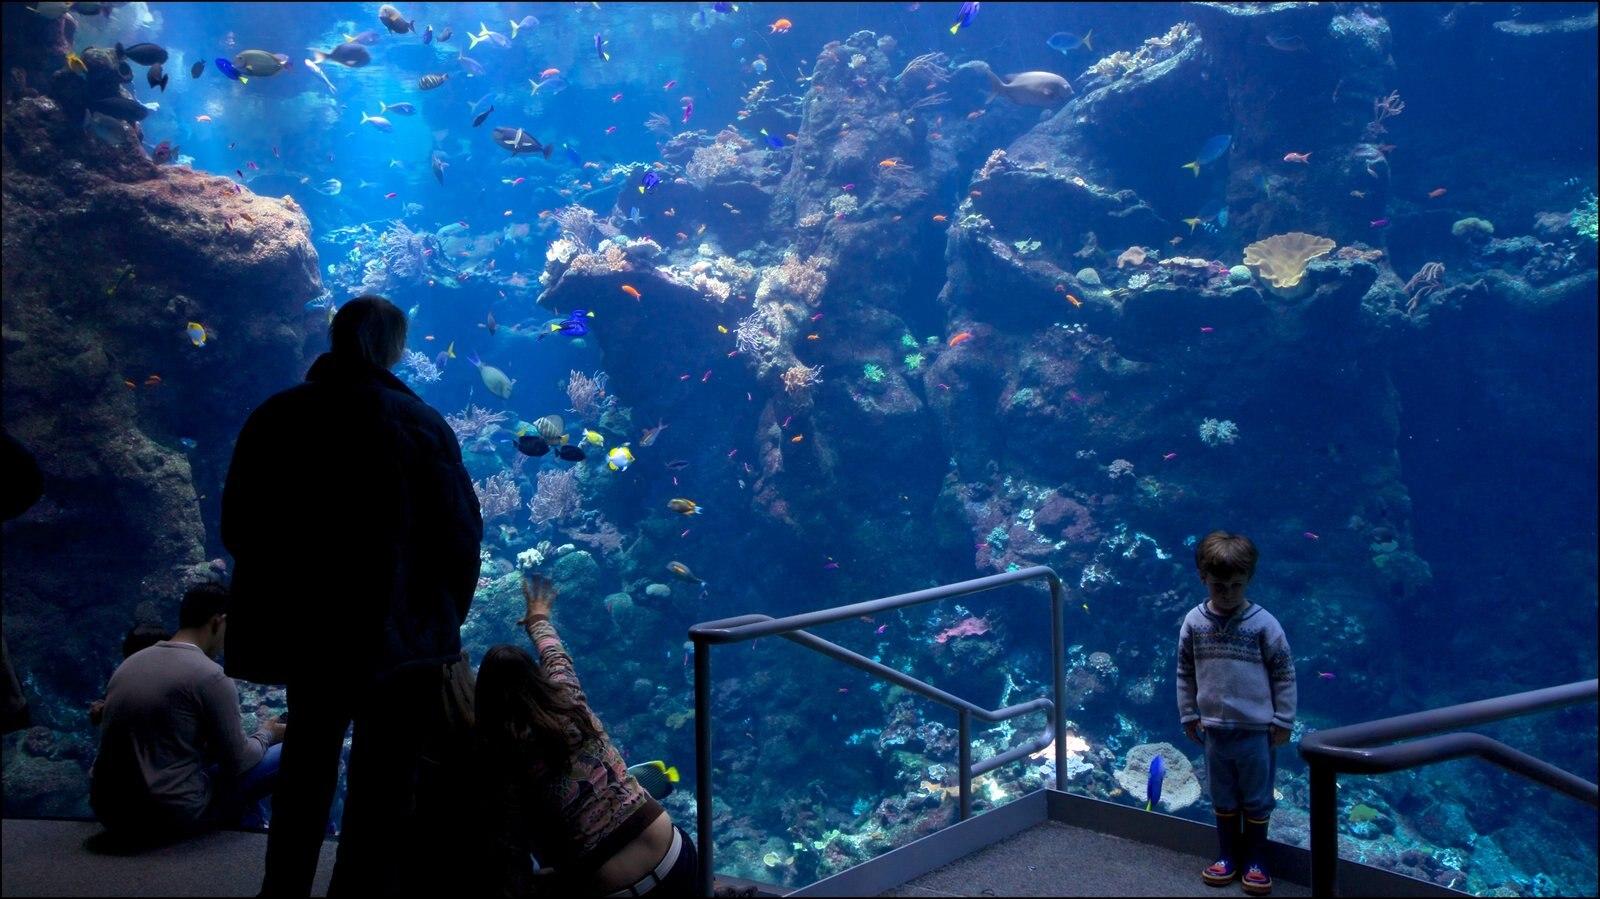 Academia de Ciências da Califórnia caracterizando vistas internas e vida marinha assim como uma família